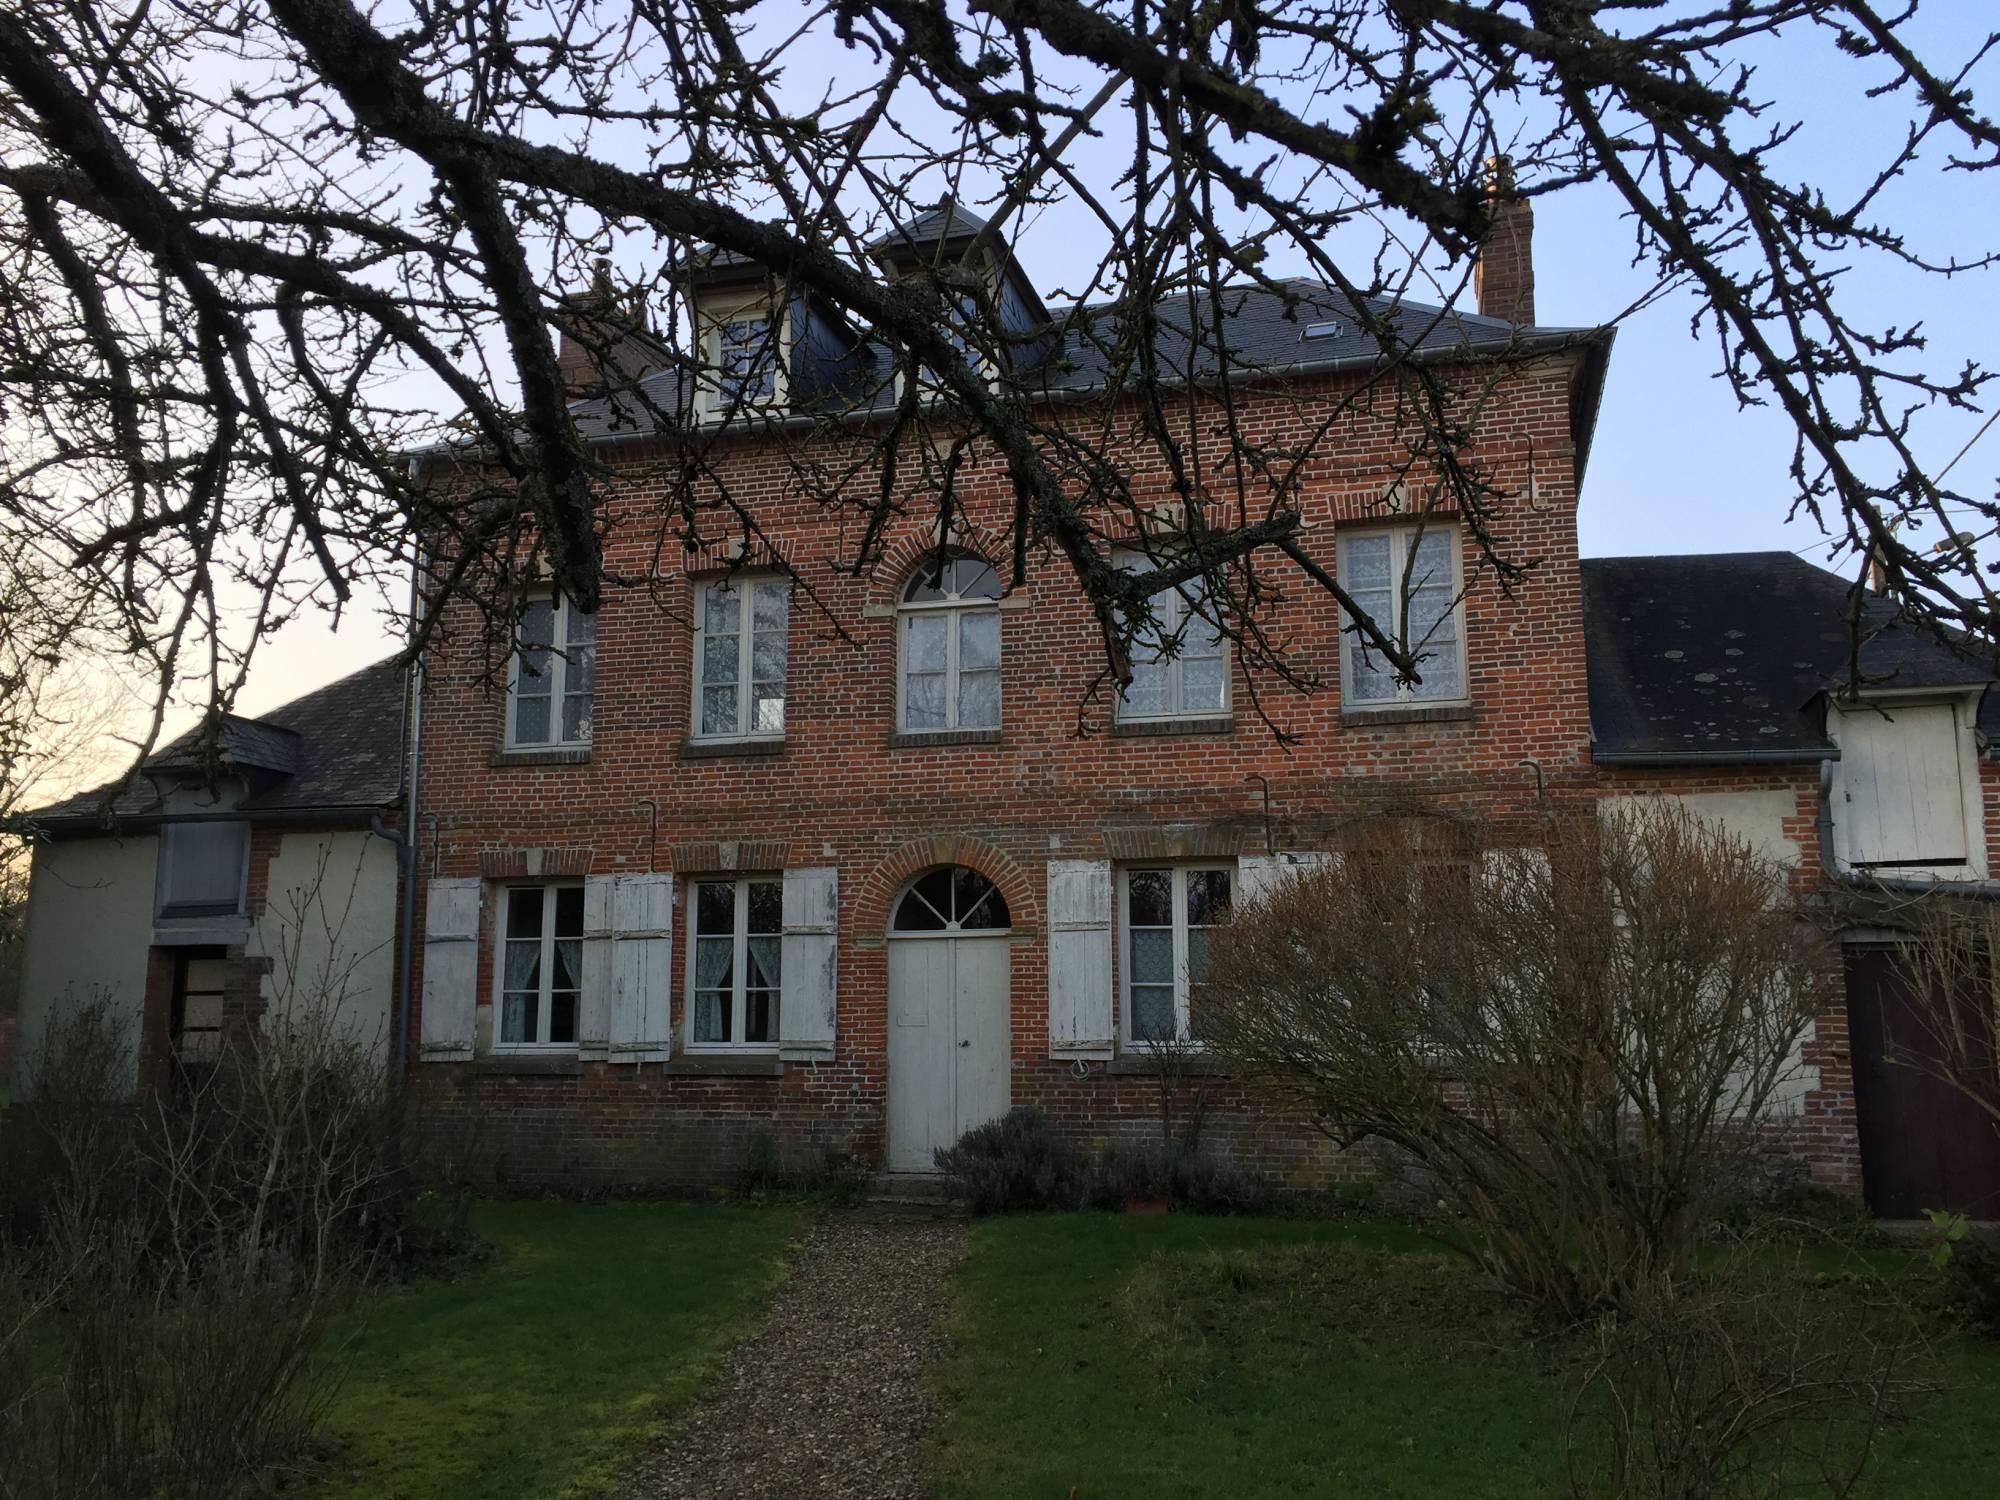 Maison de Maître à vendre près de Lyons-la-Forêt, agence Terres et Demeures de Normandie